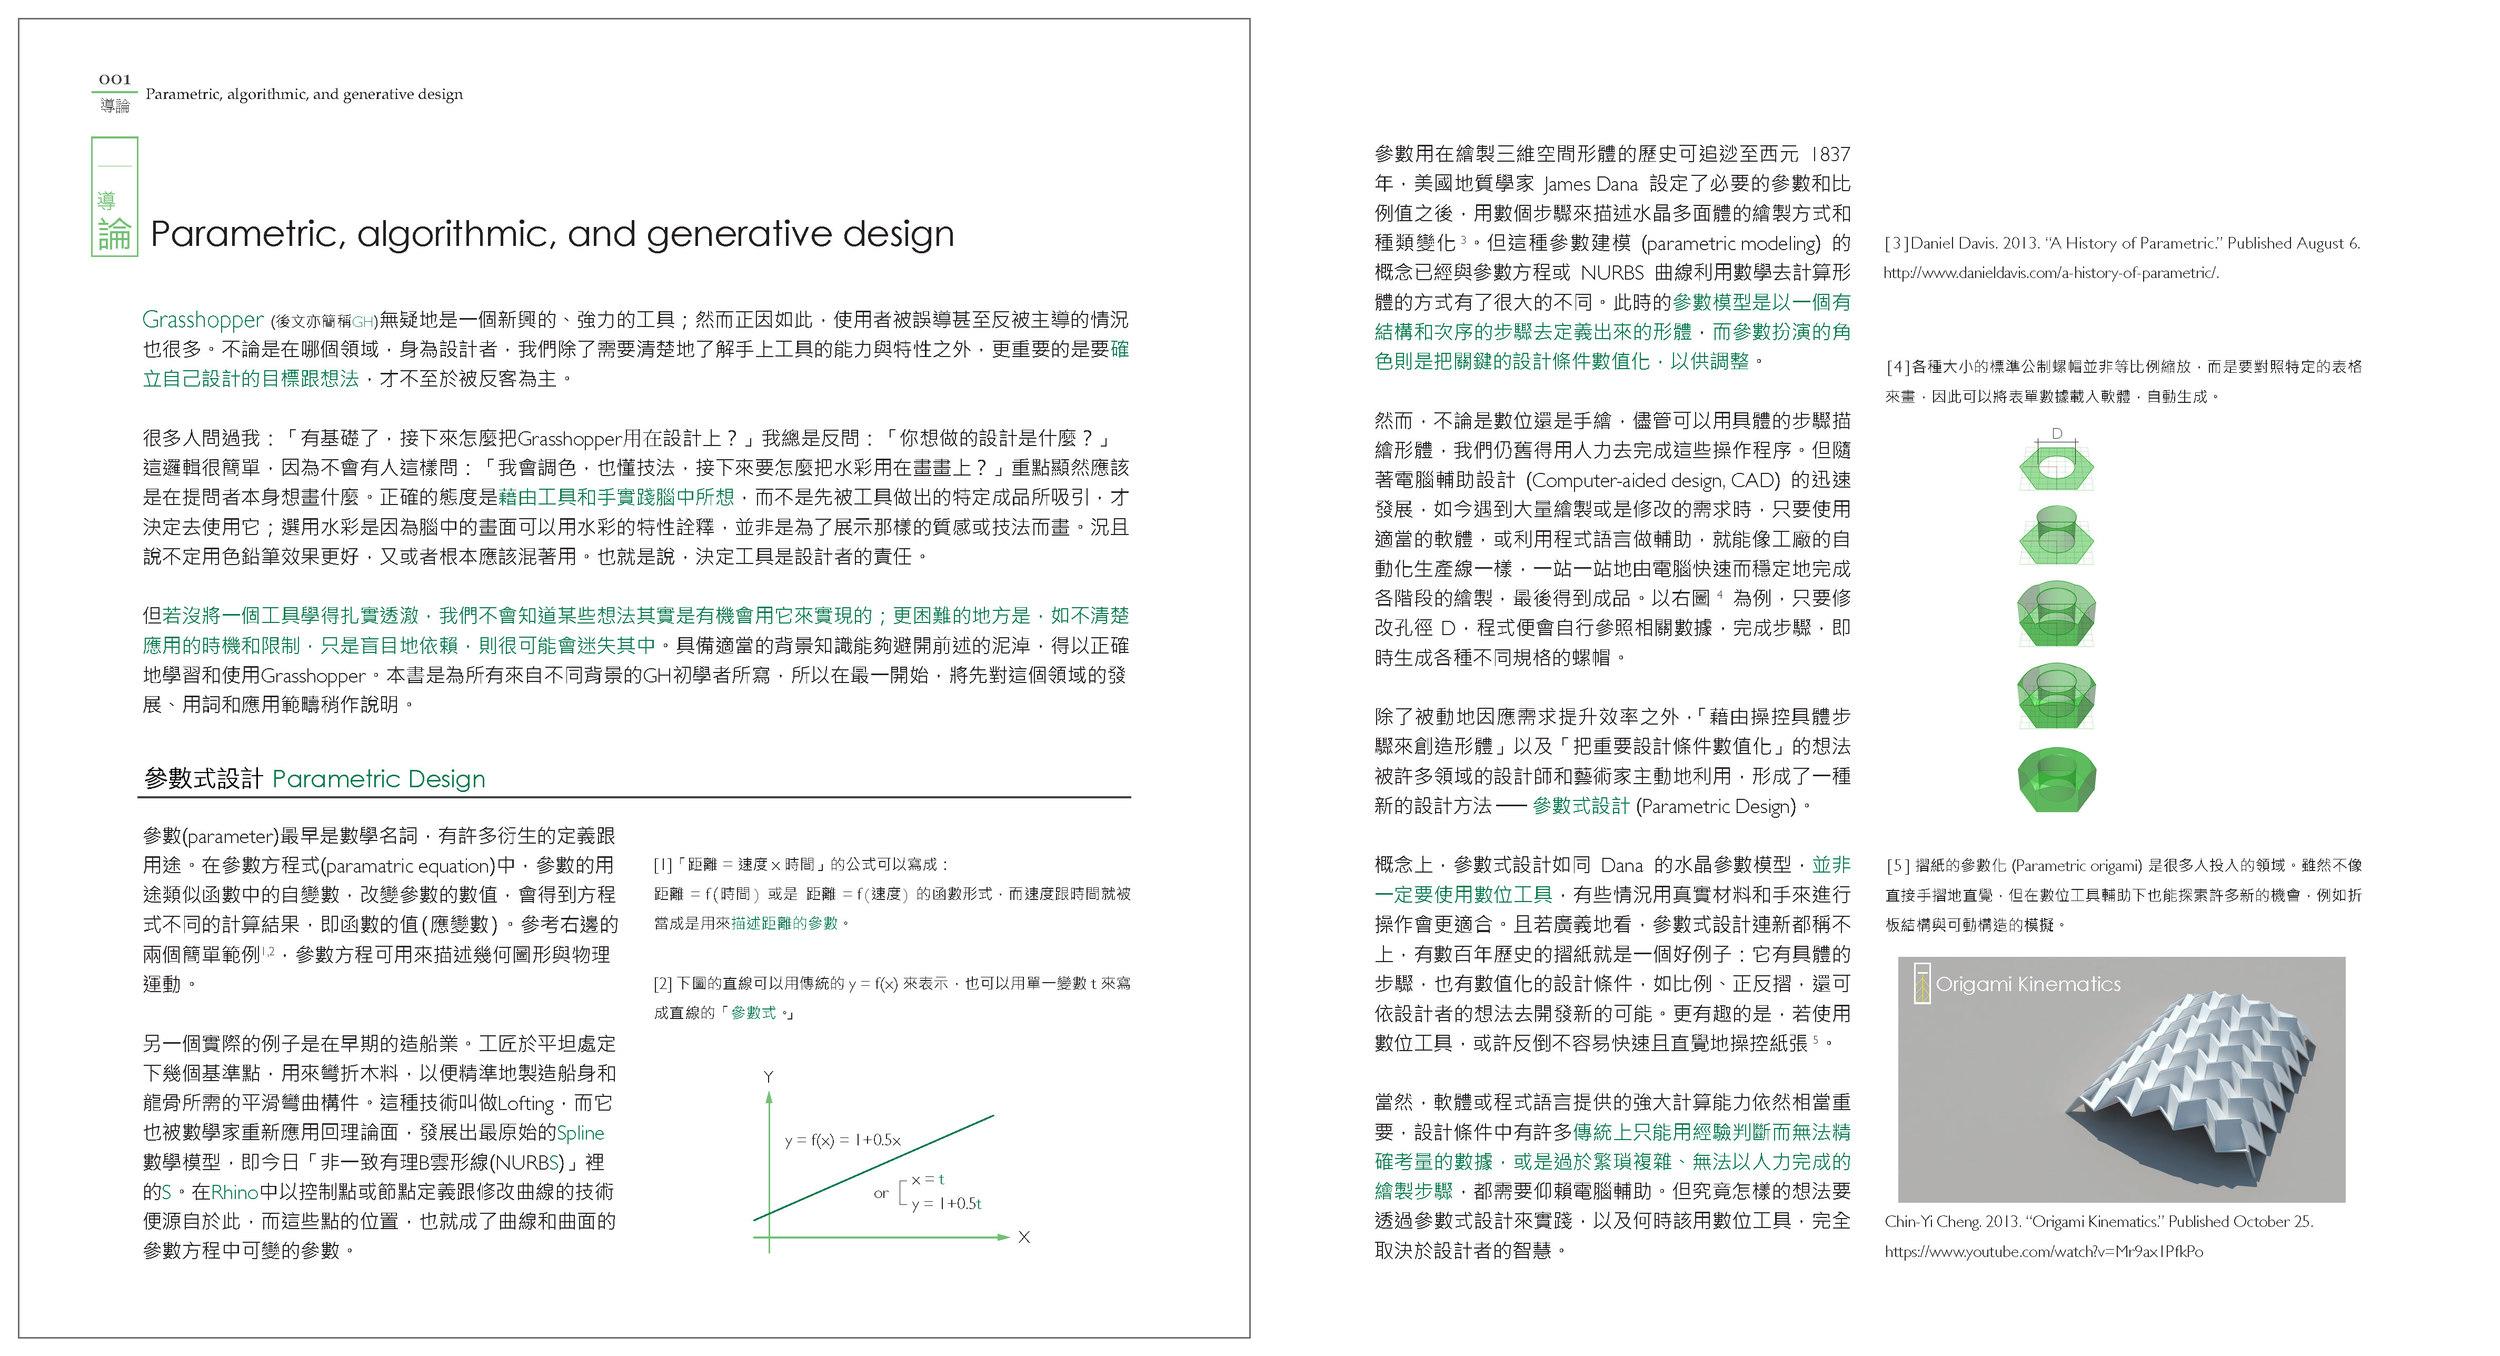 samples__Page_01.jpg